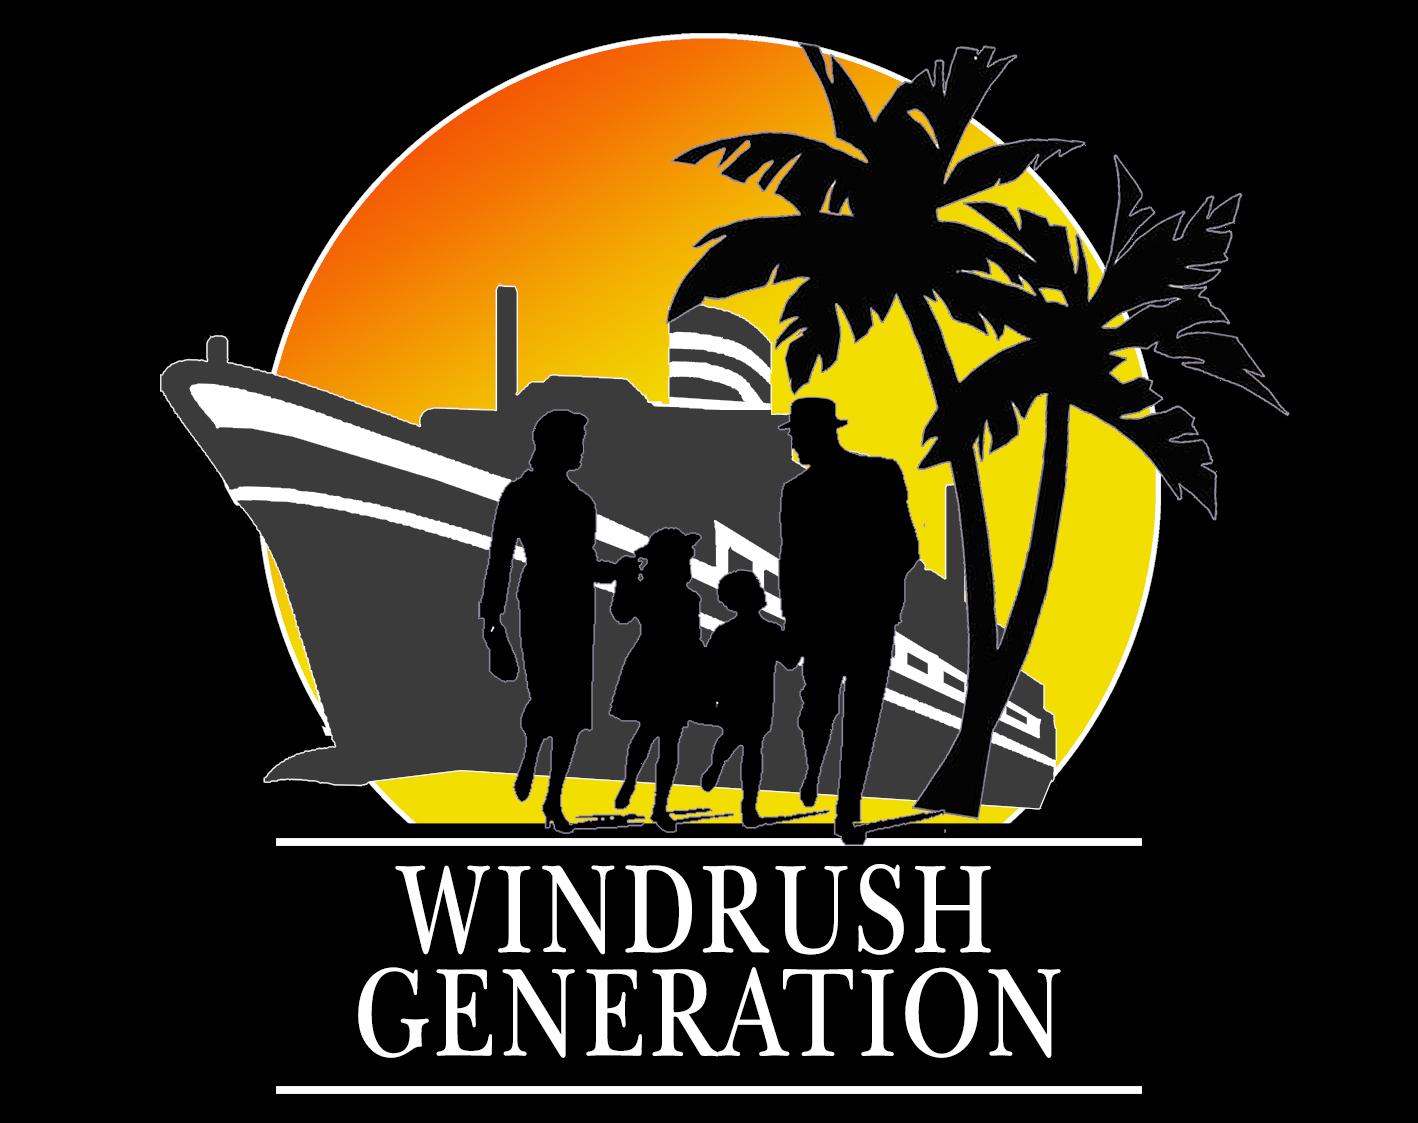 windrush generation image